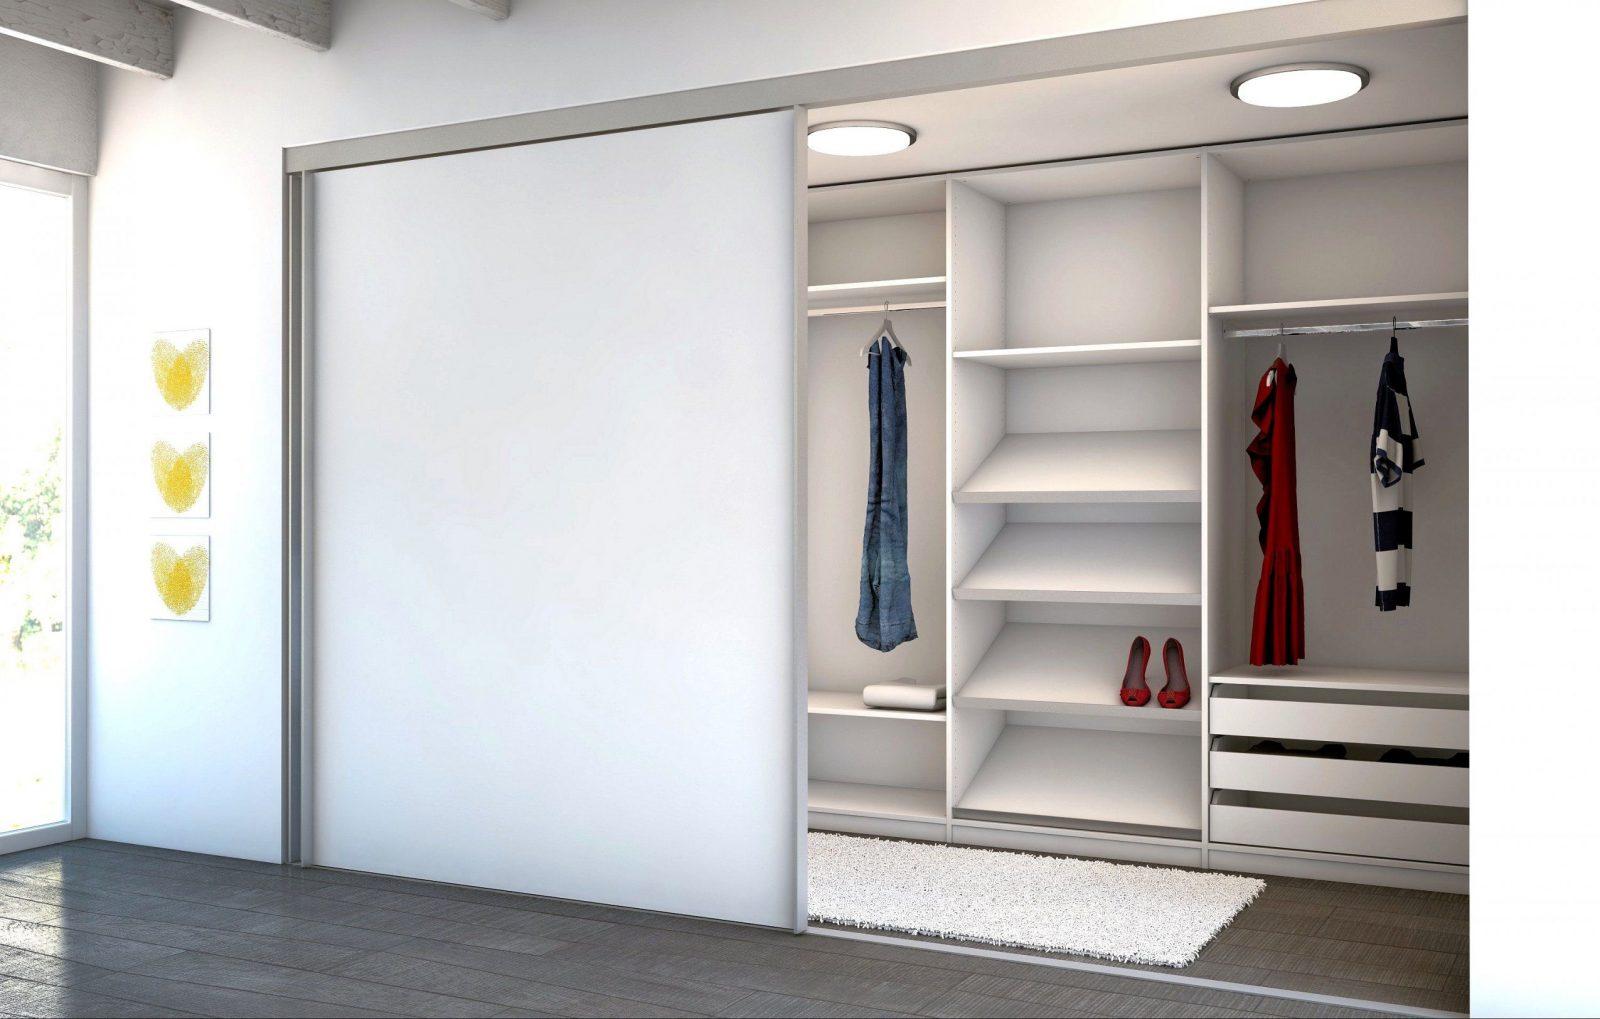 Schiebetüren Selber Bauen  Schrankplaner Pertaining To von Kleiderschrank Schiebetüren Selber Bauen Bild